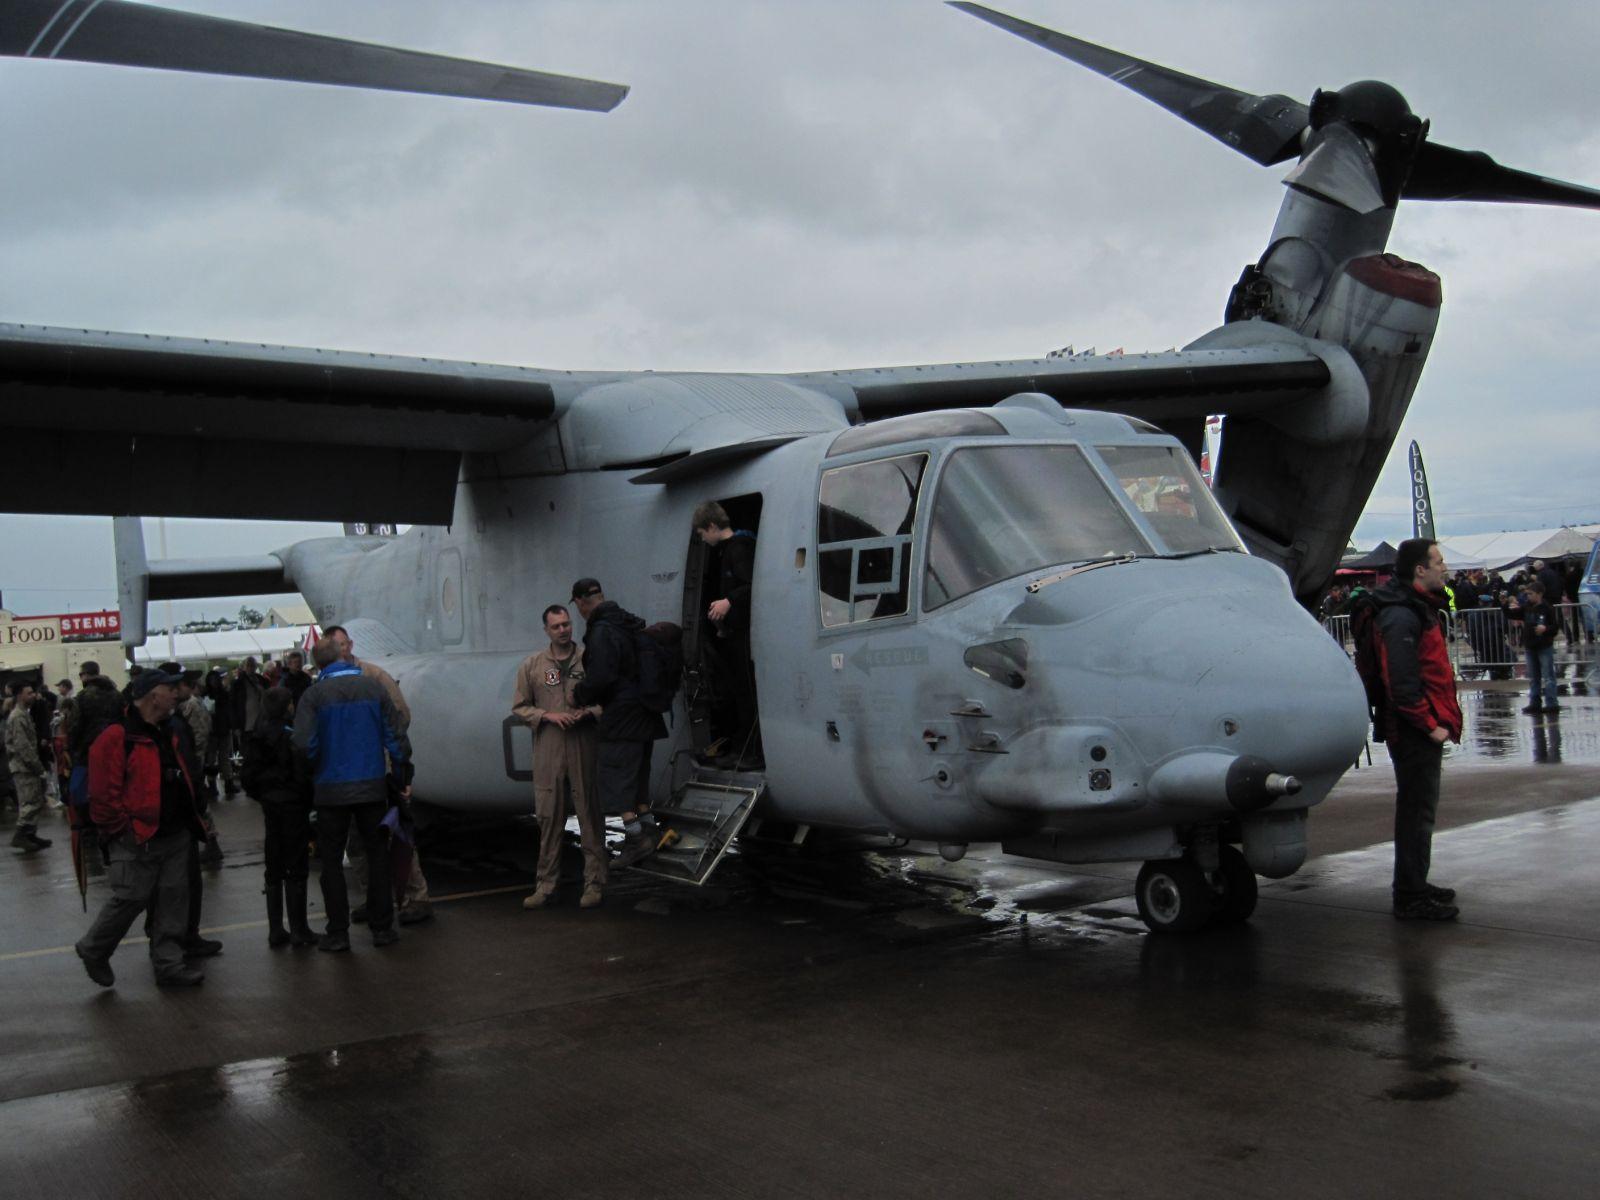 V-22 Osprey - USMC